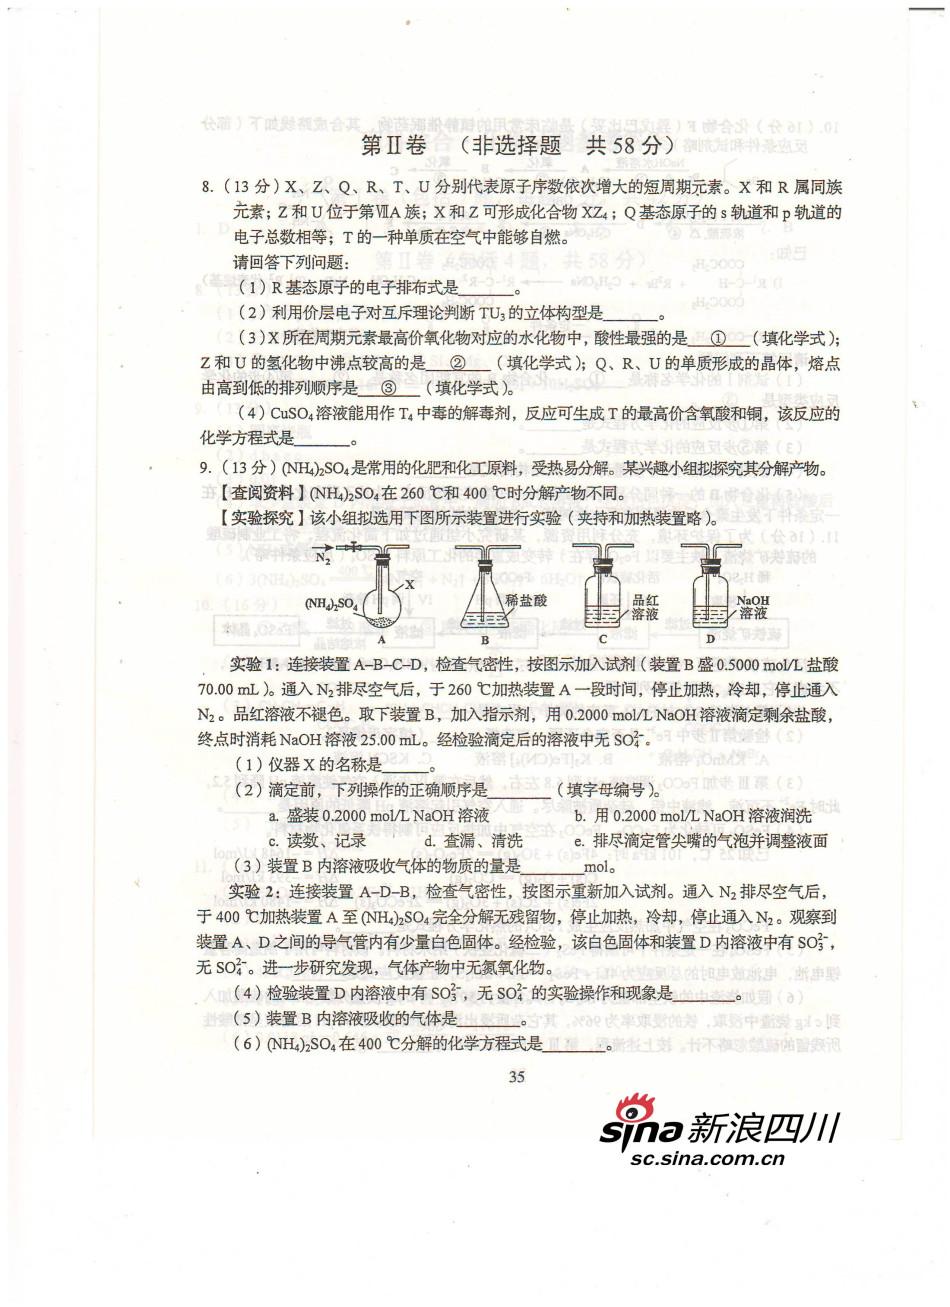 2015四川高考理科综合真题及答案-2015四川高考理综真题